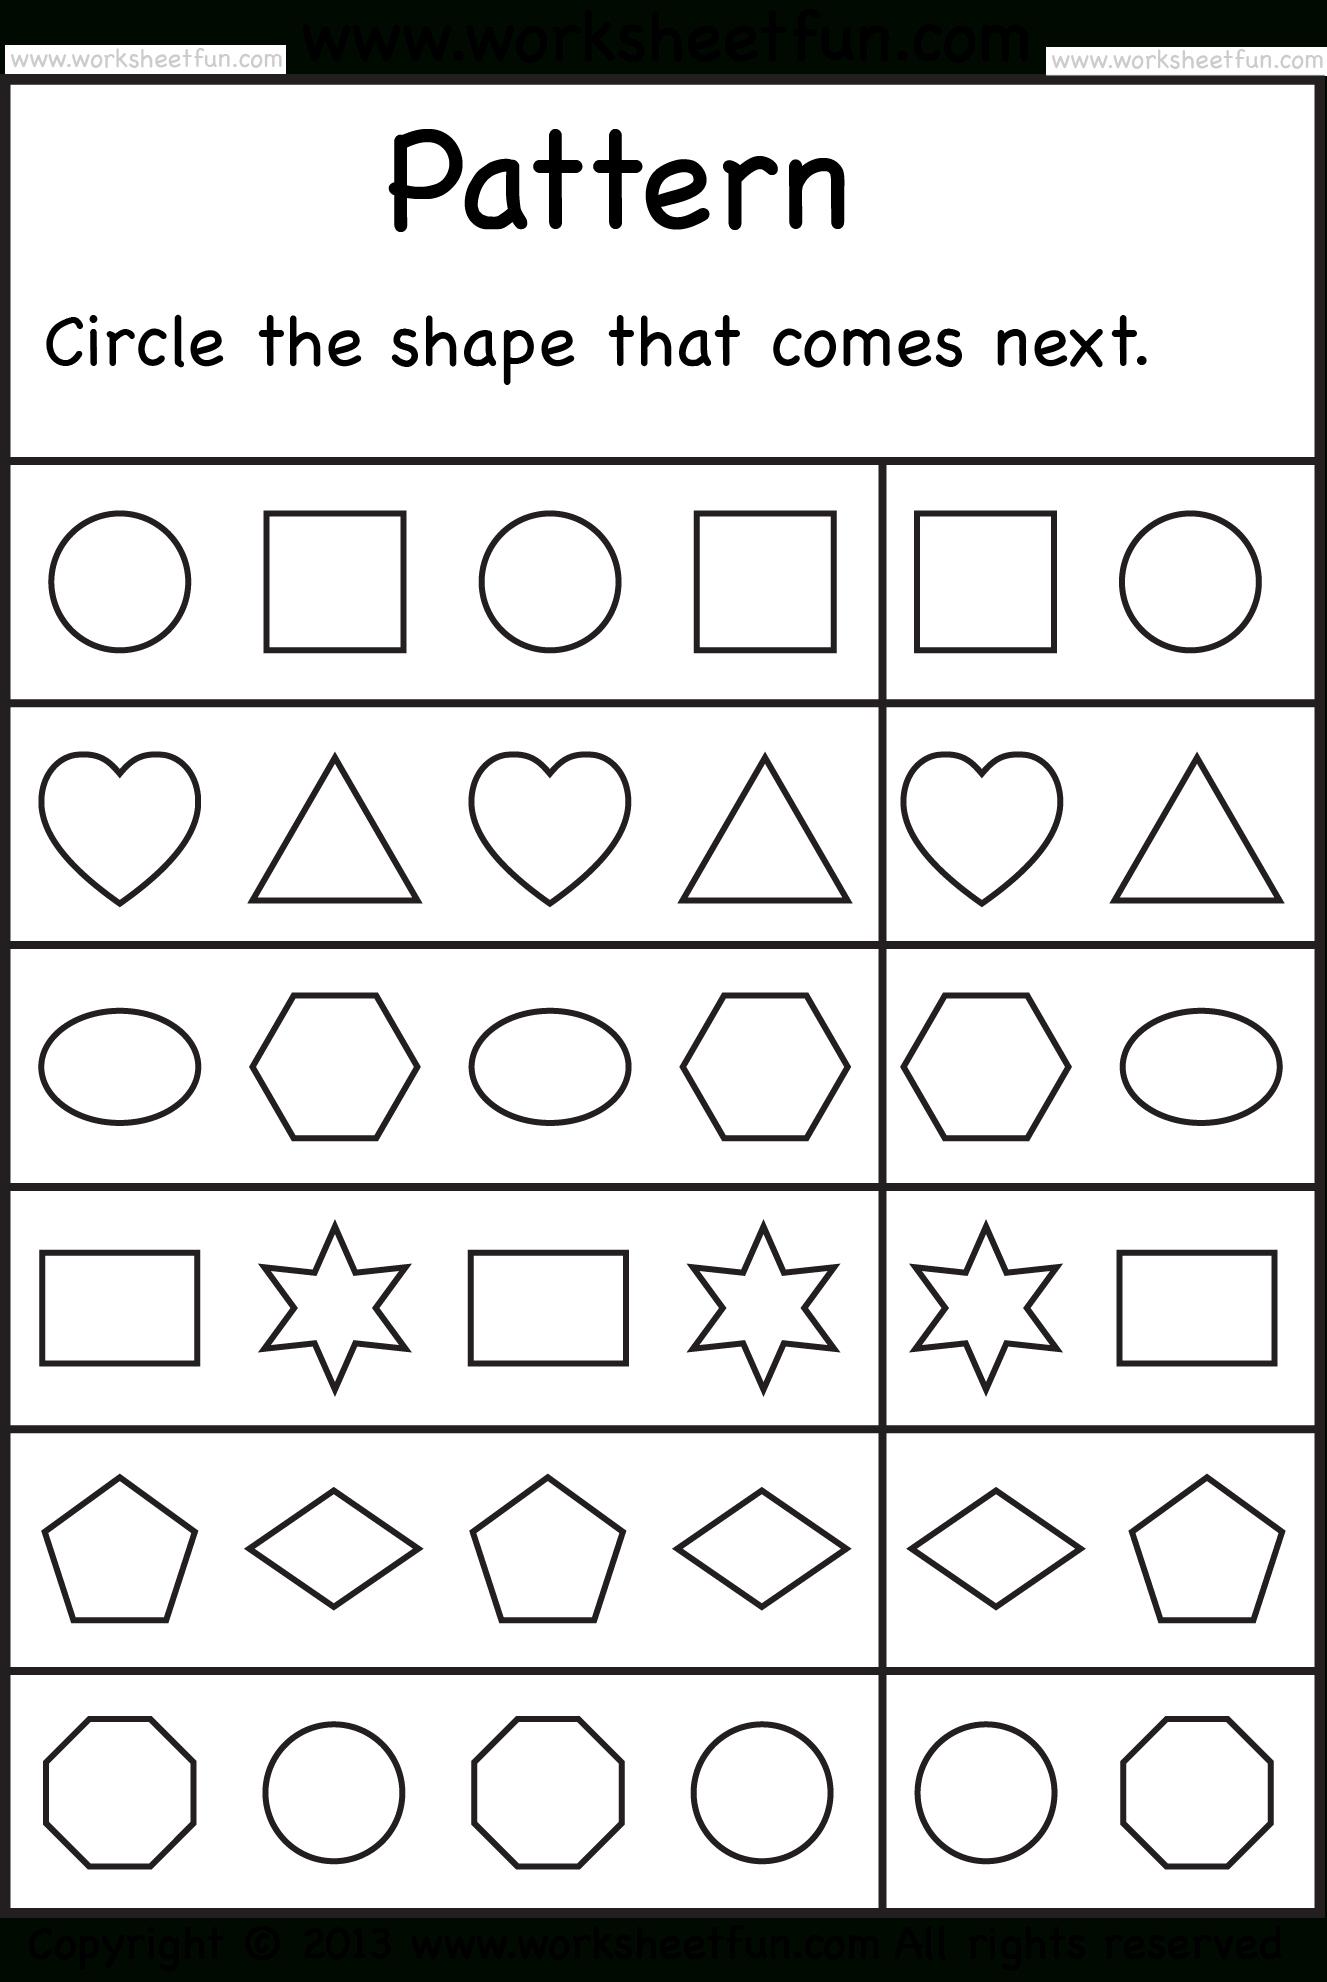 Free Printable Worksheets – Worksheetfun / Free Printable | Free Printable Worksheets For Kindergarten